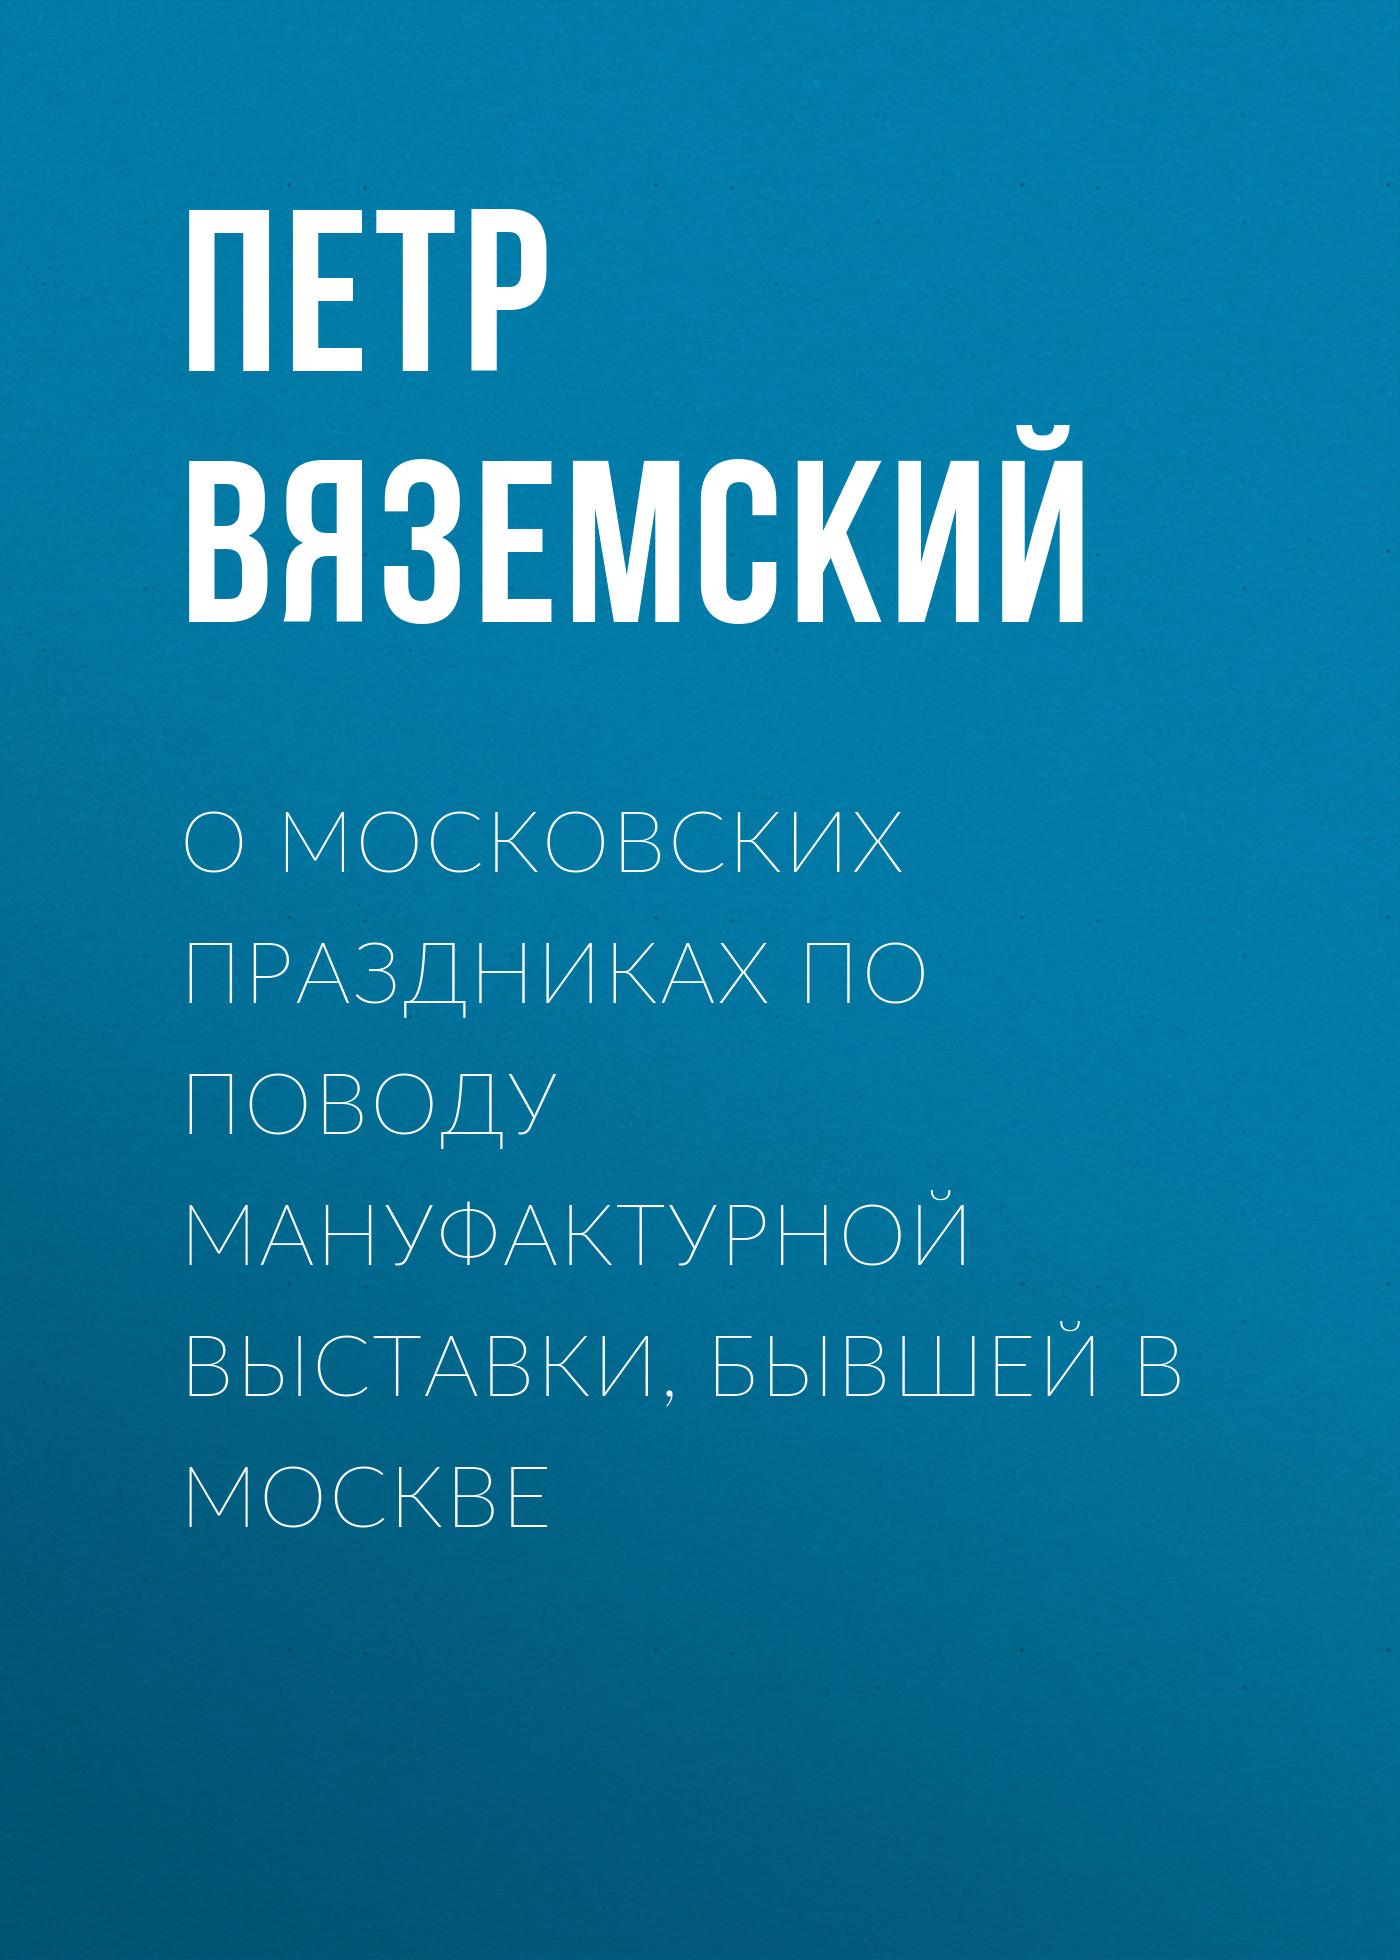 Петр яземский О москоских праздниках по пооду мануфактурной ыстаки, бышей Моске